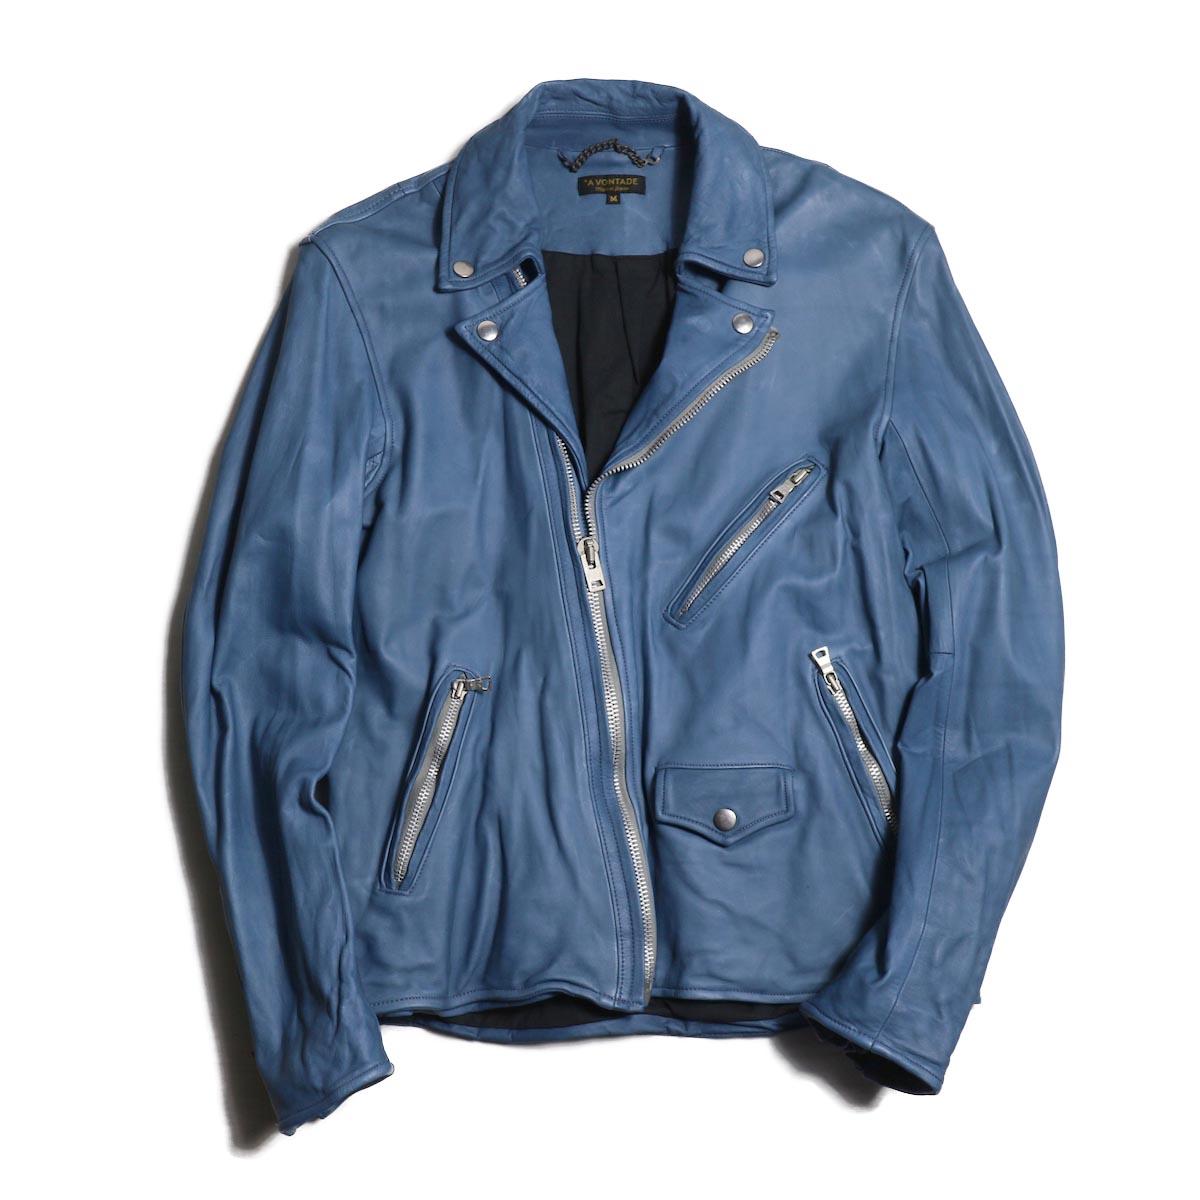 A VONTADE / Roadmaster Jacket -BLUE